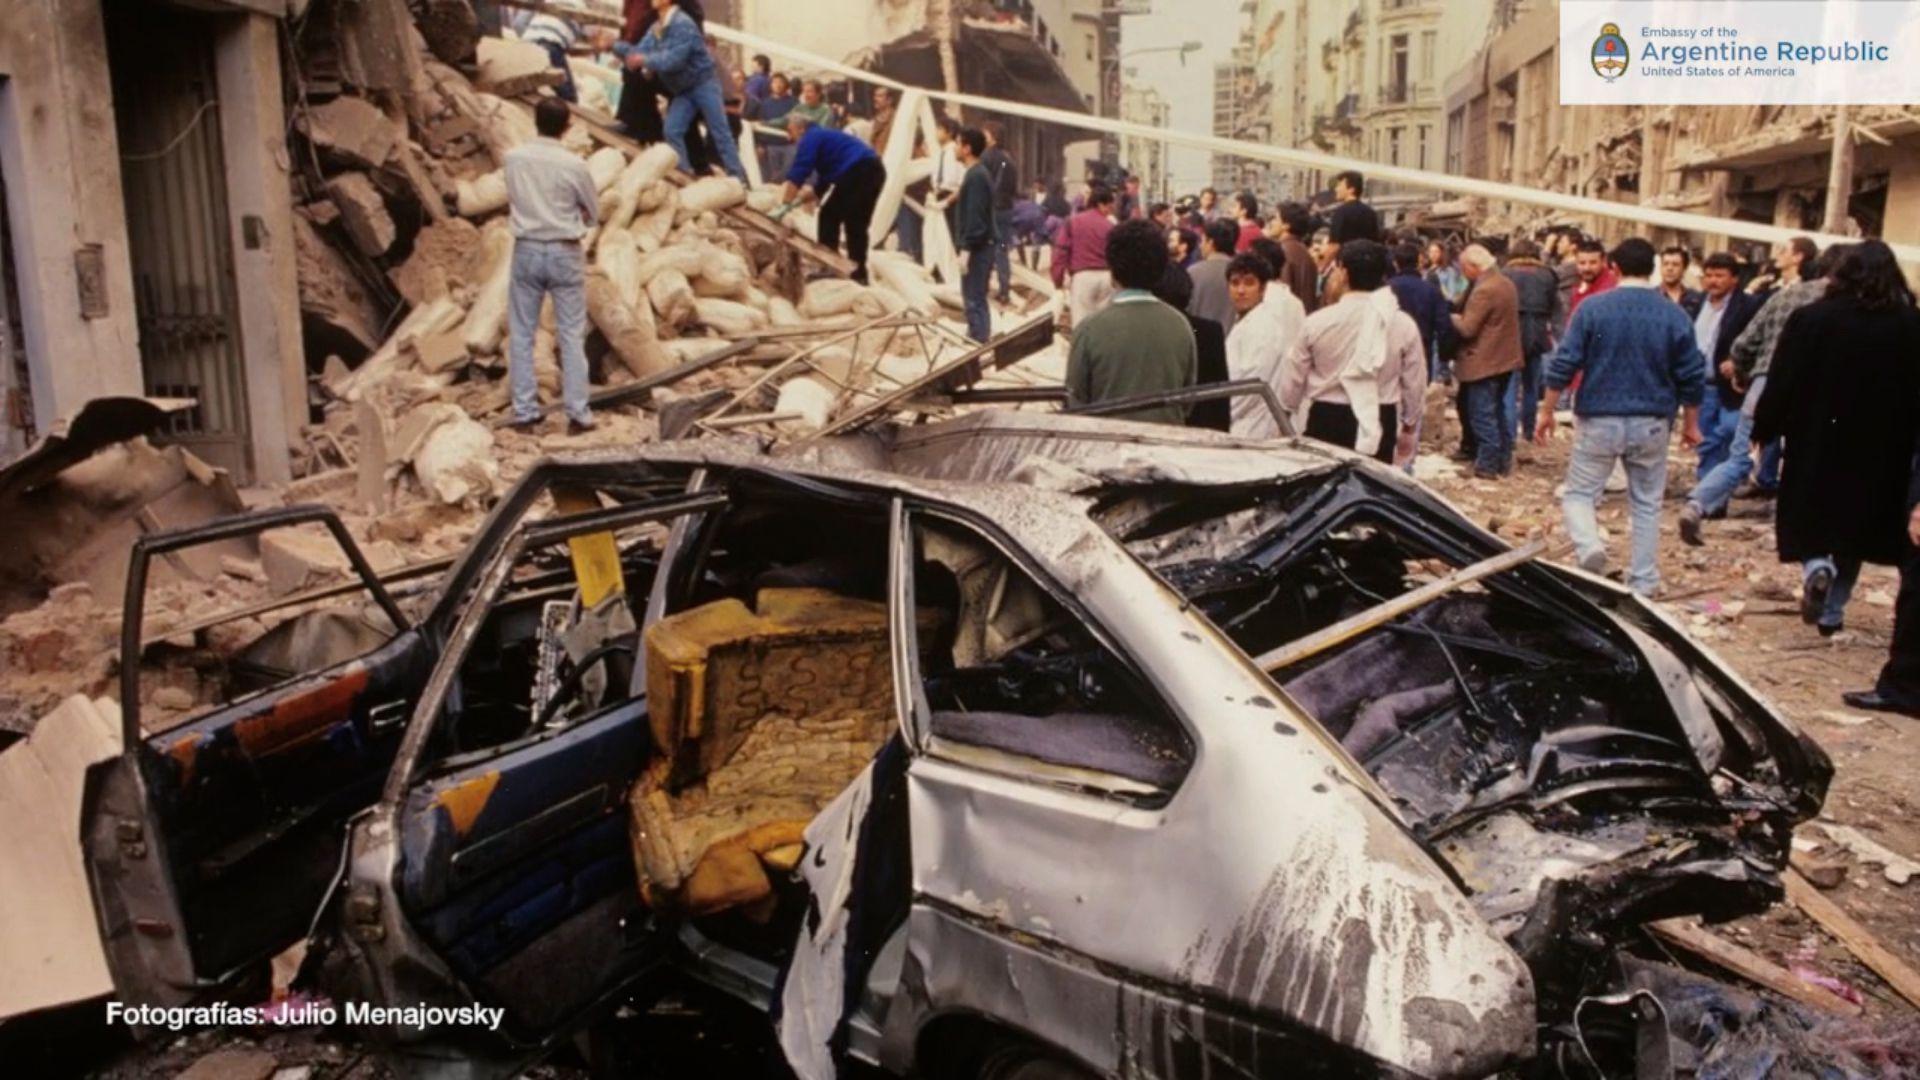 Atentado a la AMIA - 18 de julio 1994